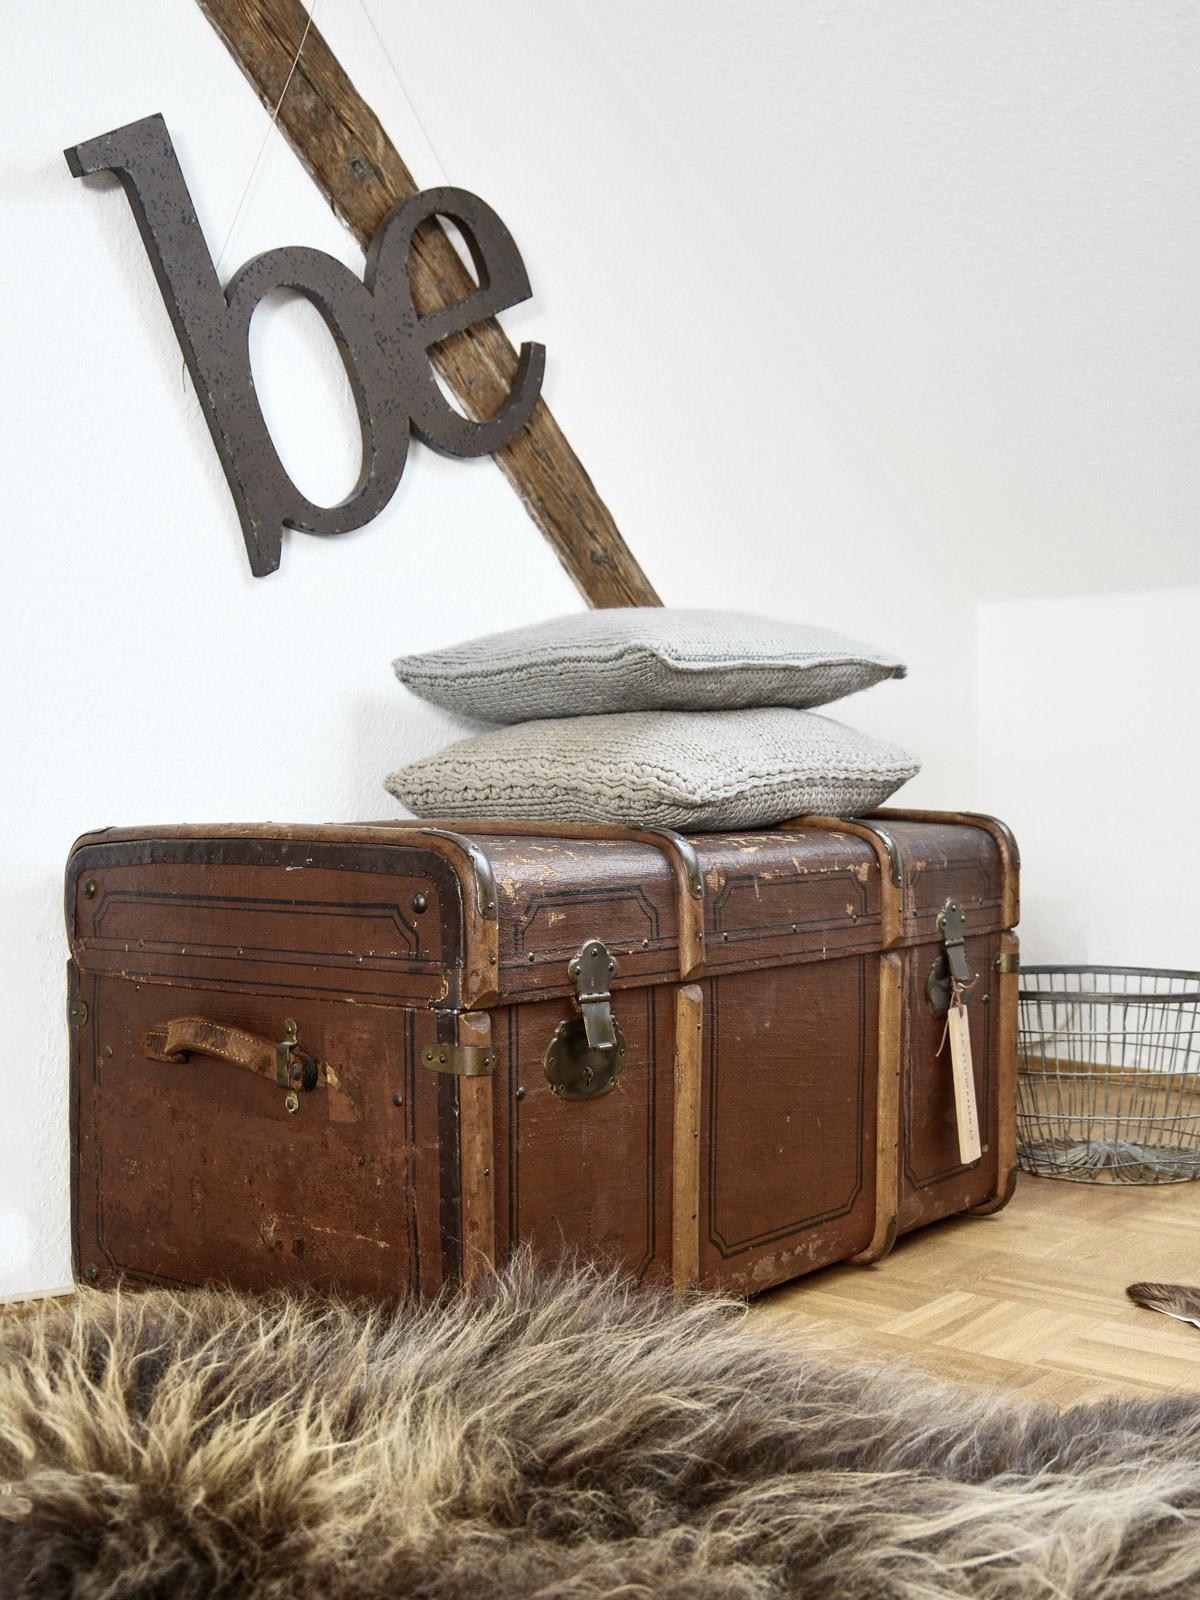 jetzt gehts auf die gro e reise schrankkoffer mxliving. Black Bedroom Furniture Sets. Home Design Ideas